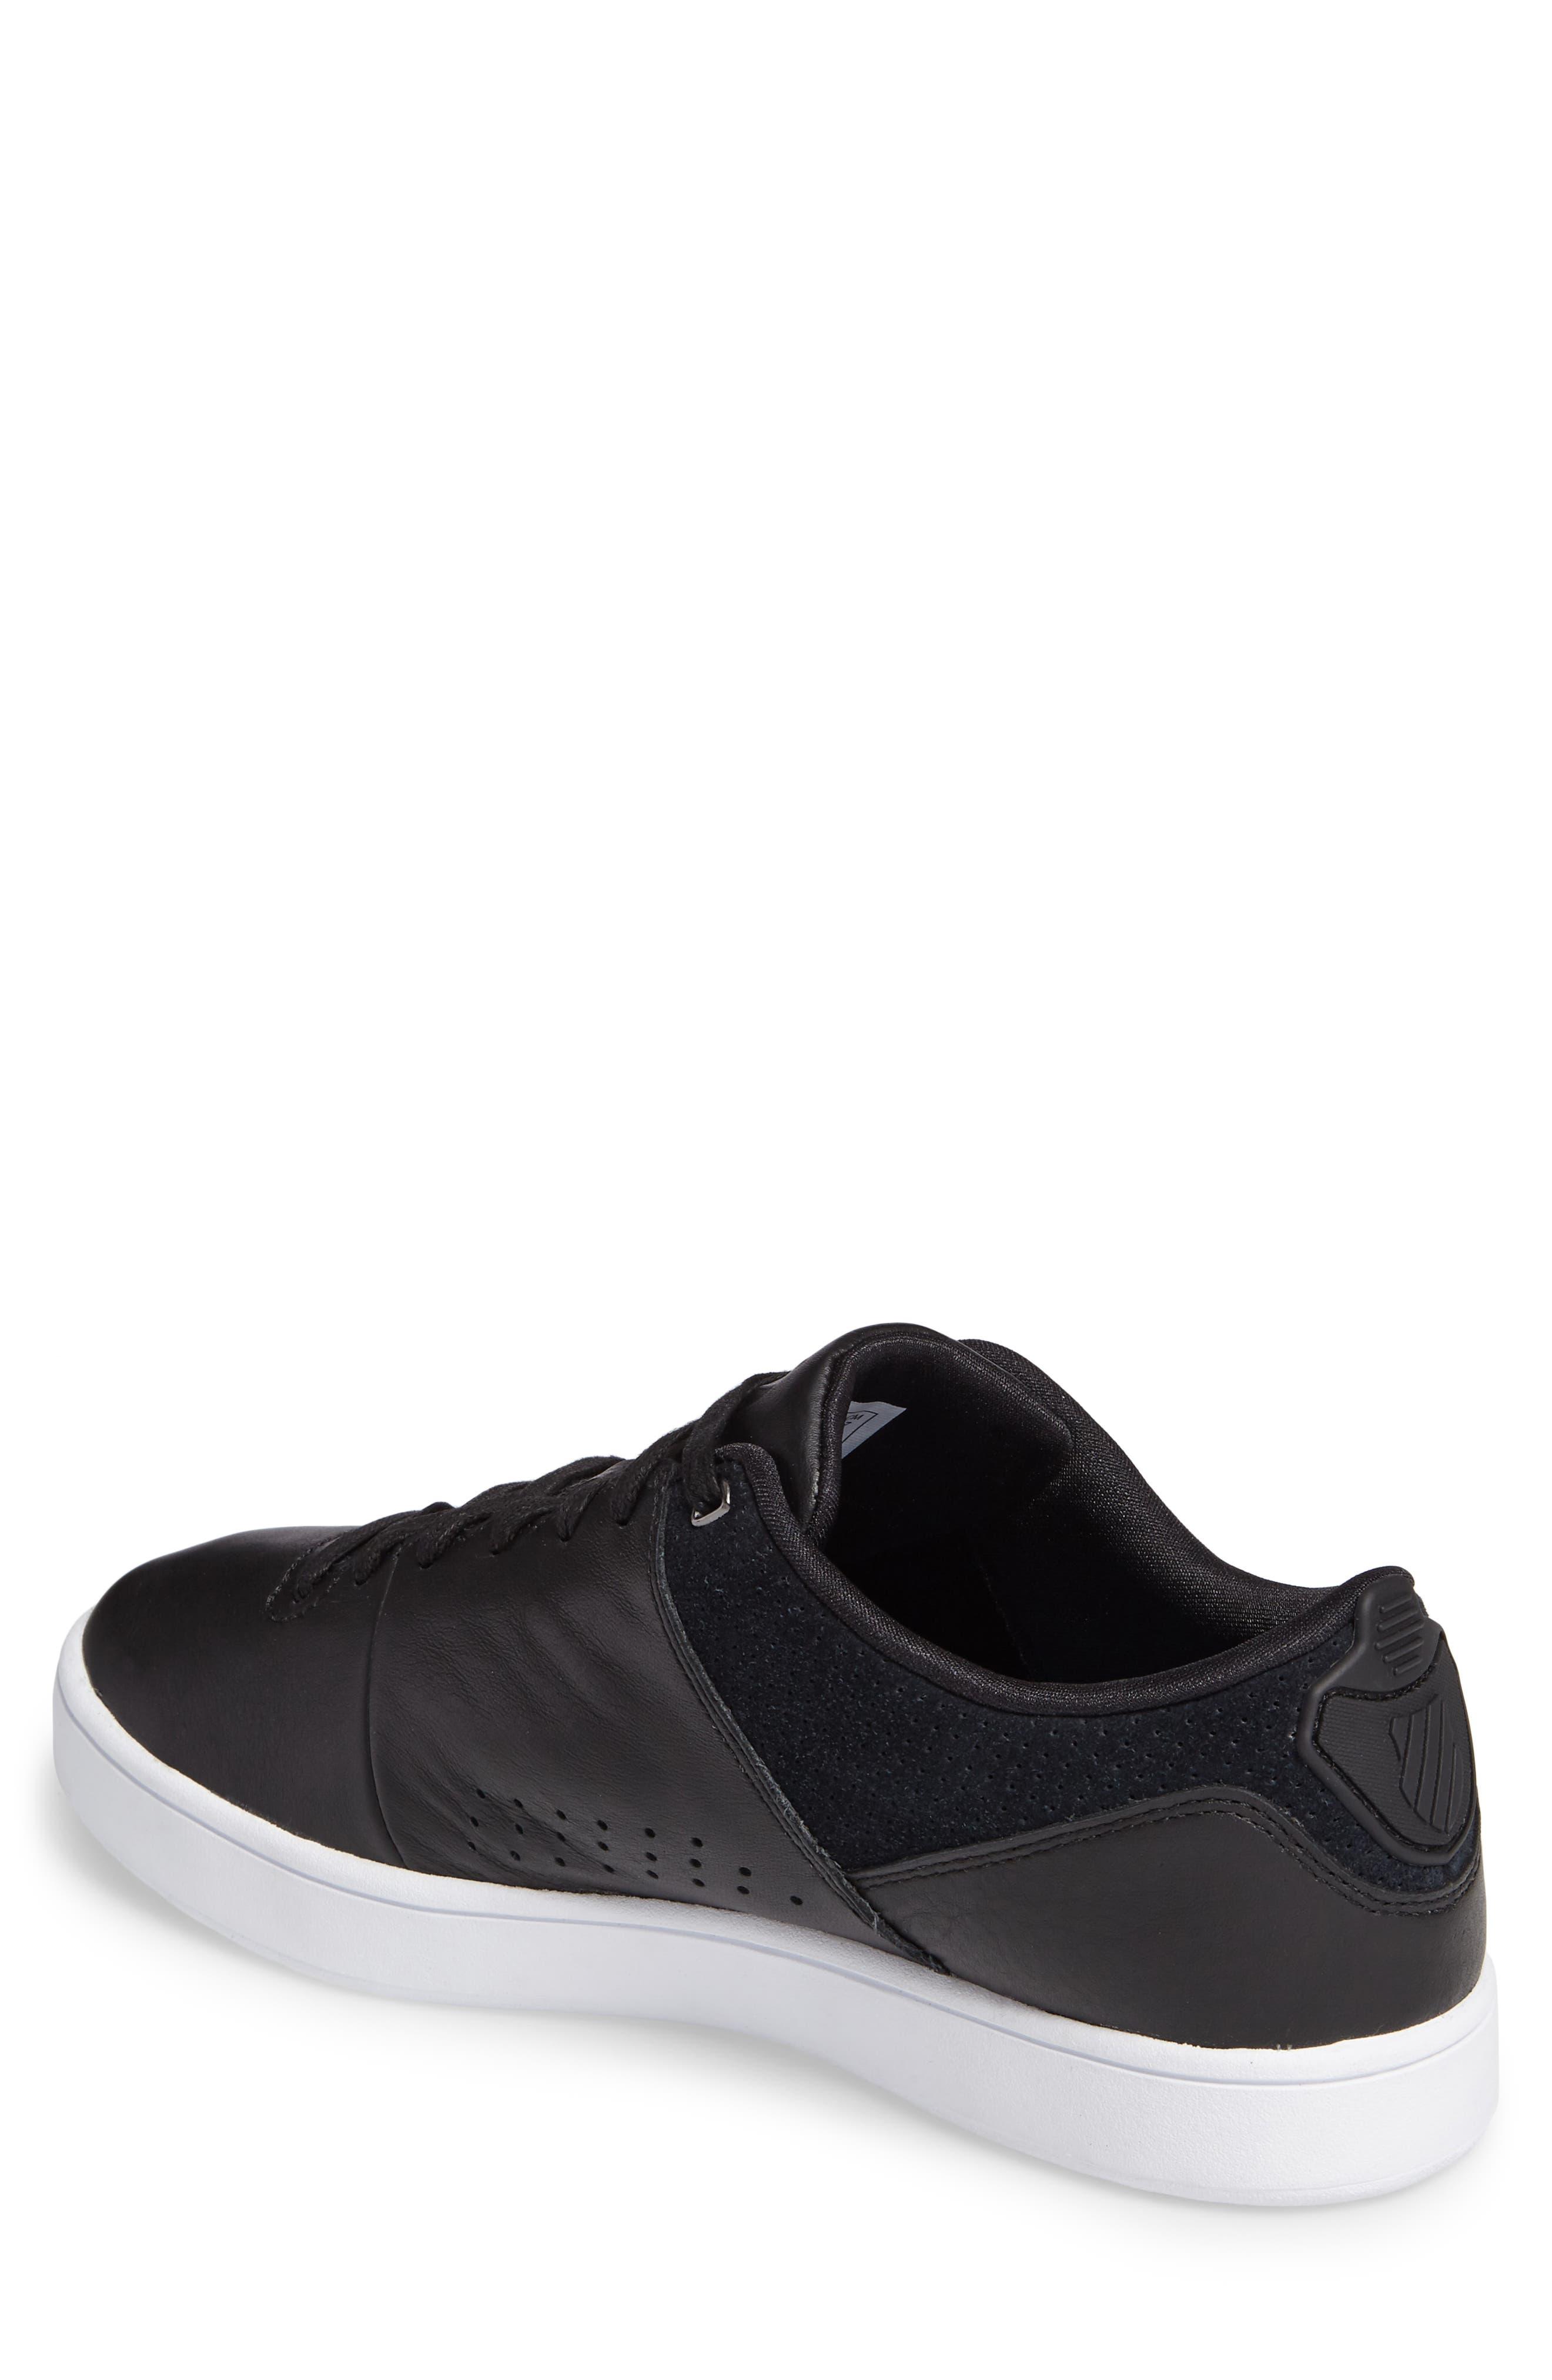 Alternate Image 2  - K-Swiss Court Westan Sneaker (Men)